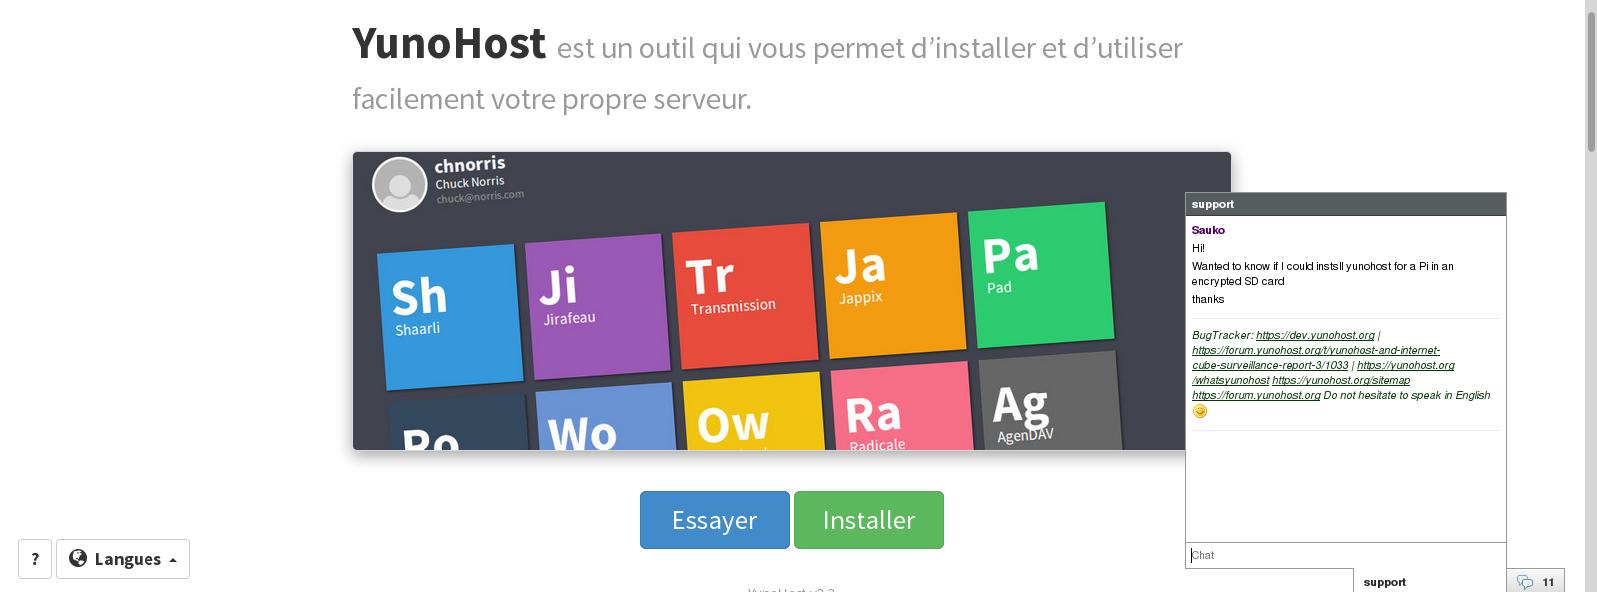 Copie d'écran du site internet Yunohost, vous pouvez tester le service en ligne